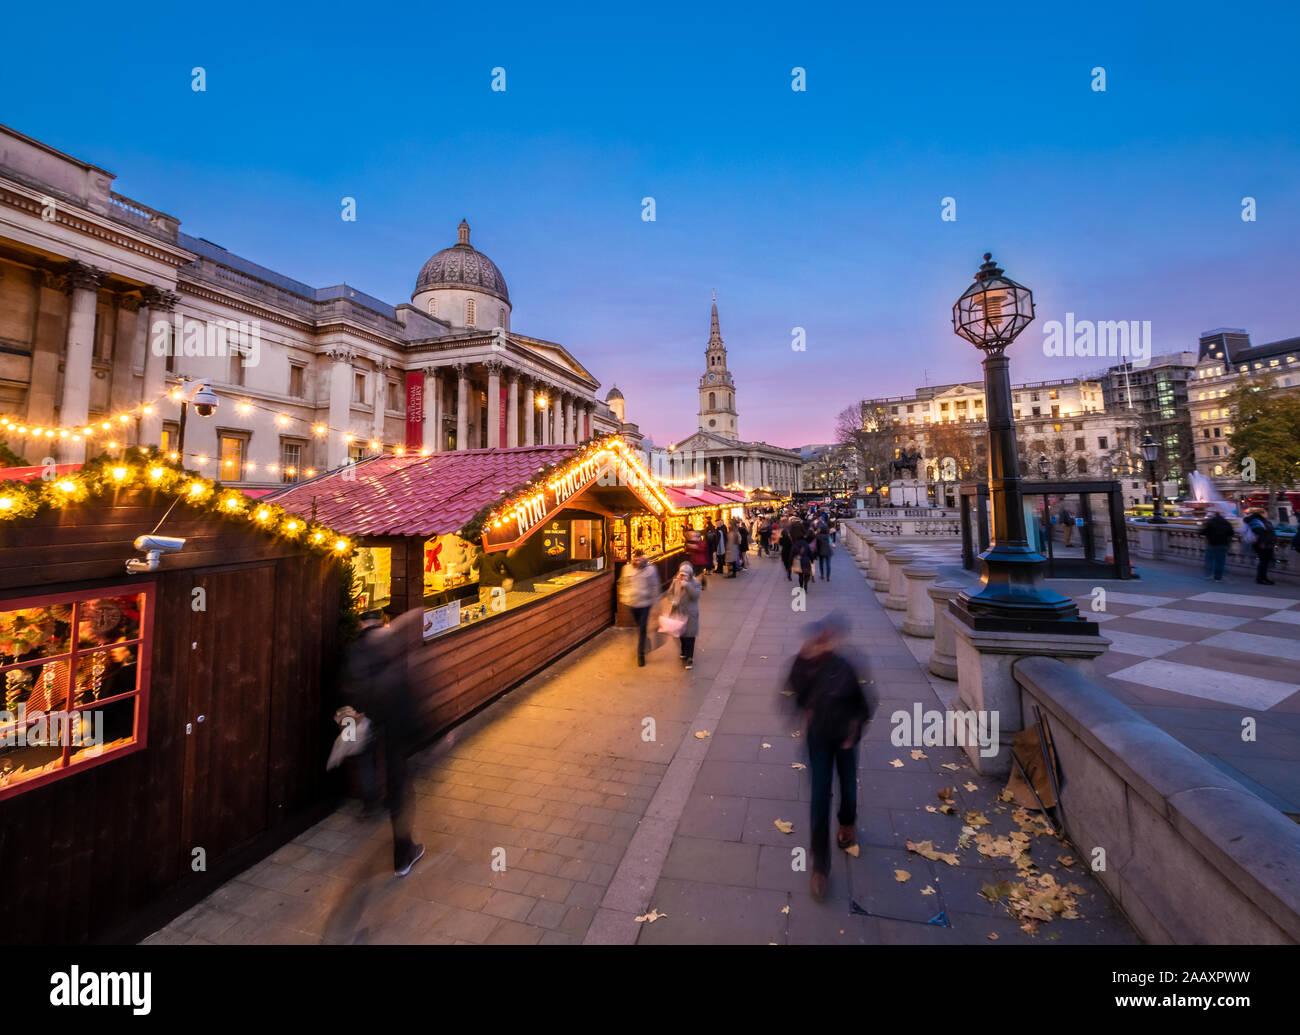 Londres, Inglaterra, Reino Unido - escena navideña al aire libre en Trafalgar Square Market a la hora azul en la temporada de invierno Foto de stock